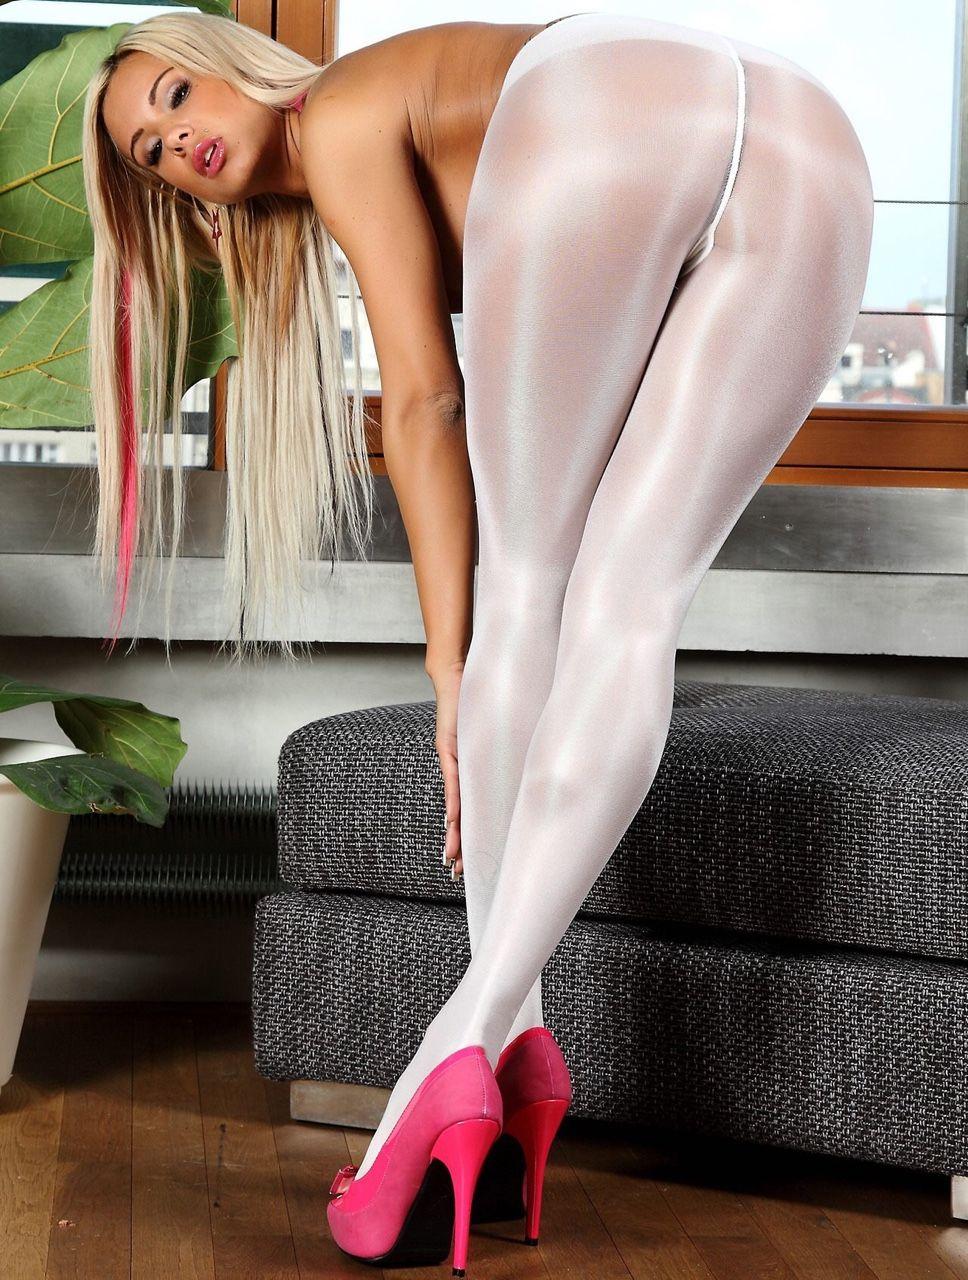 Shiny Pantyhose Porn Pics